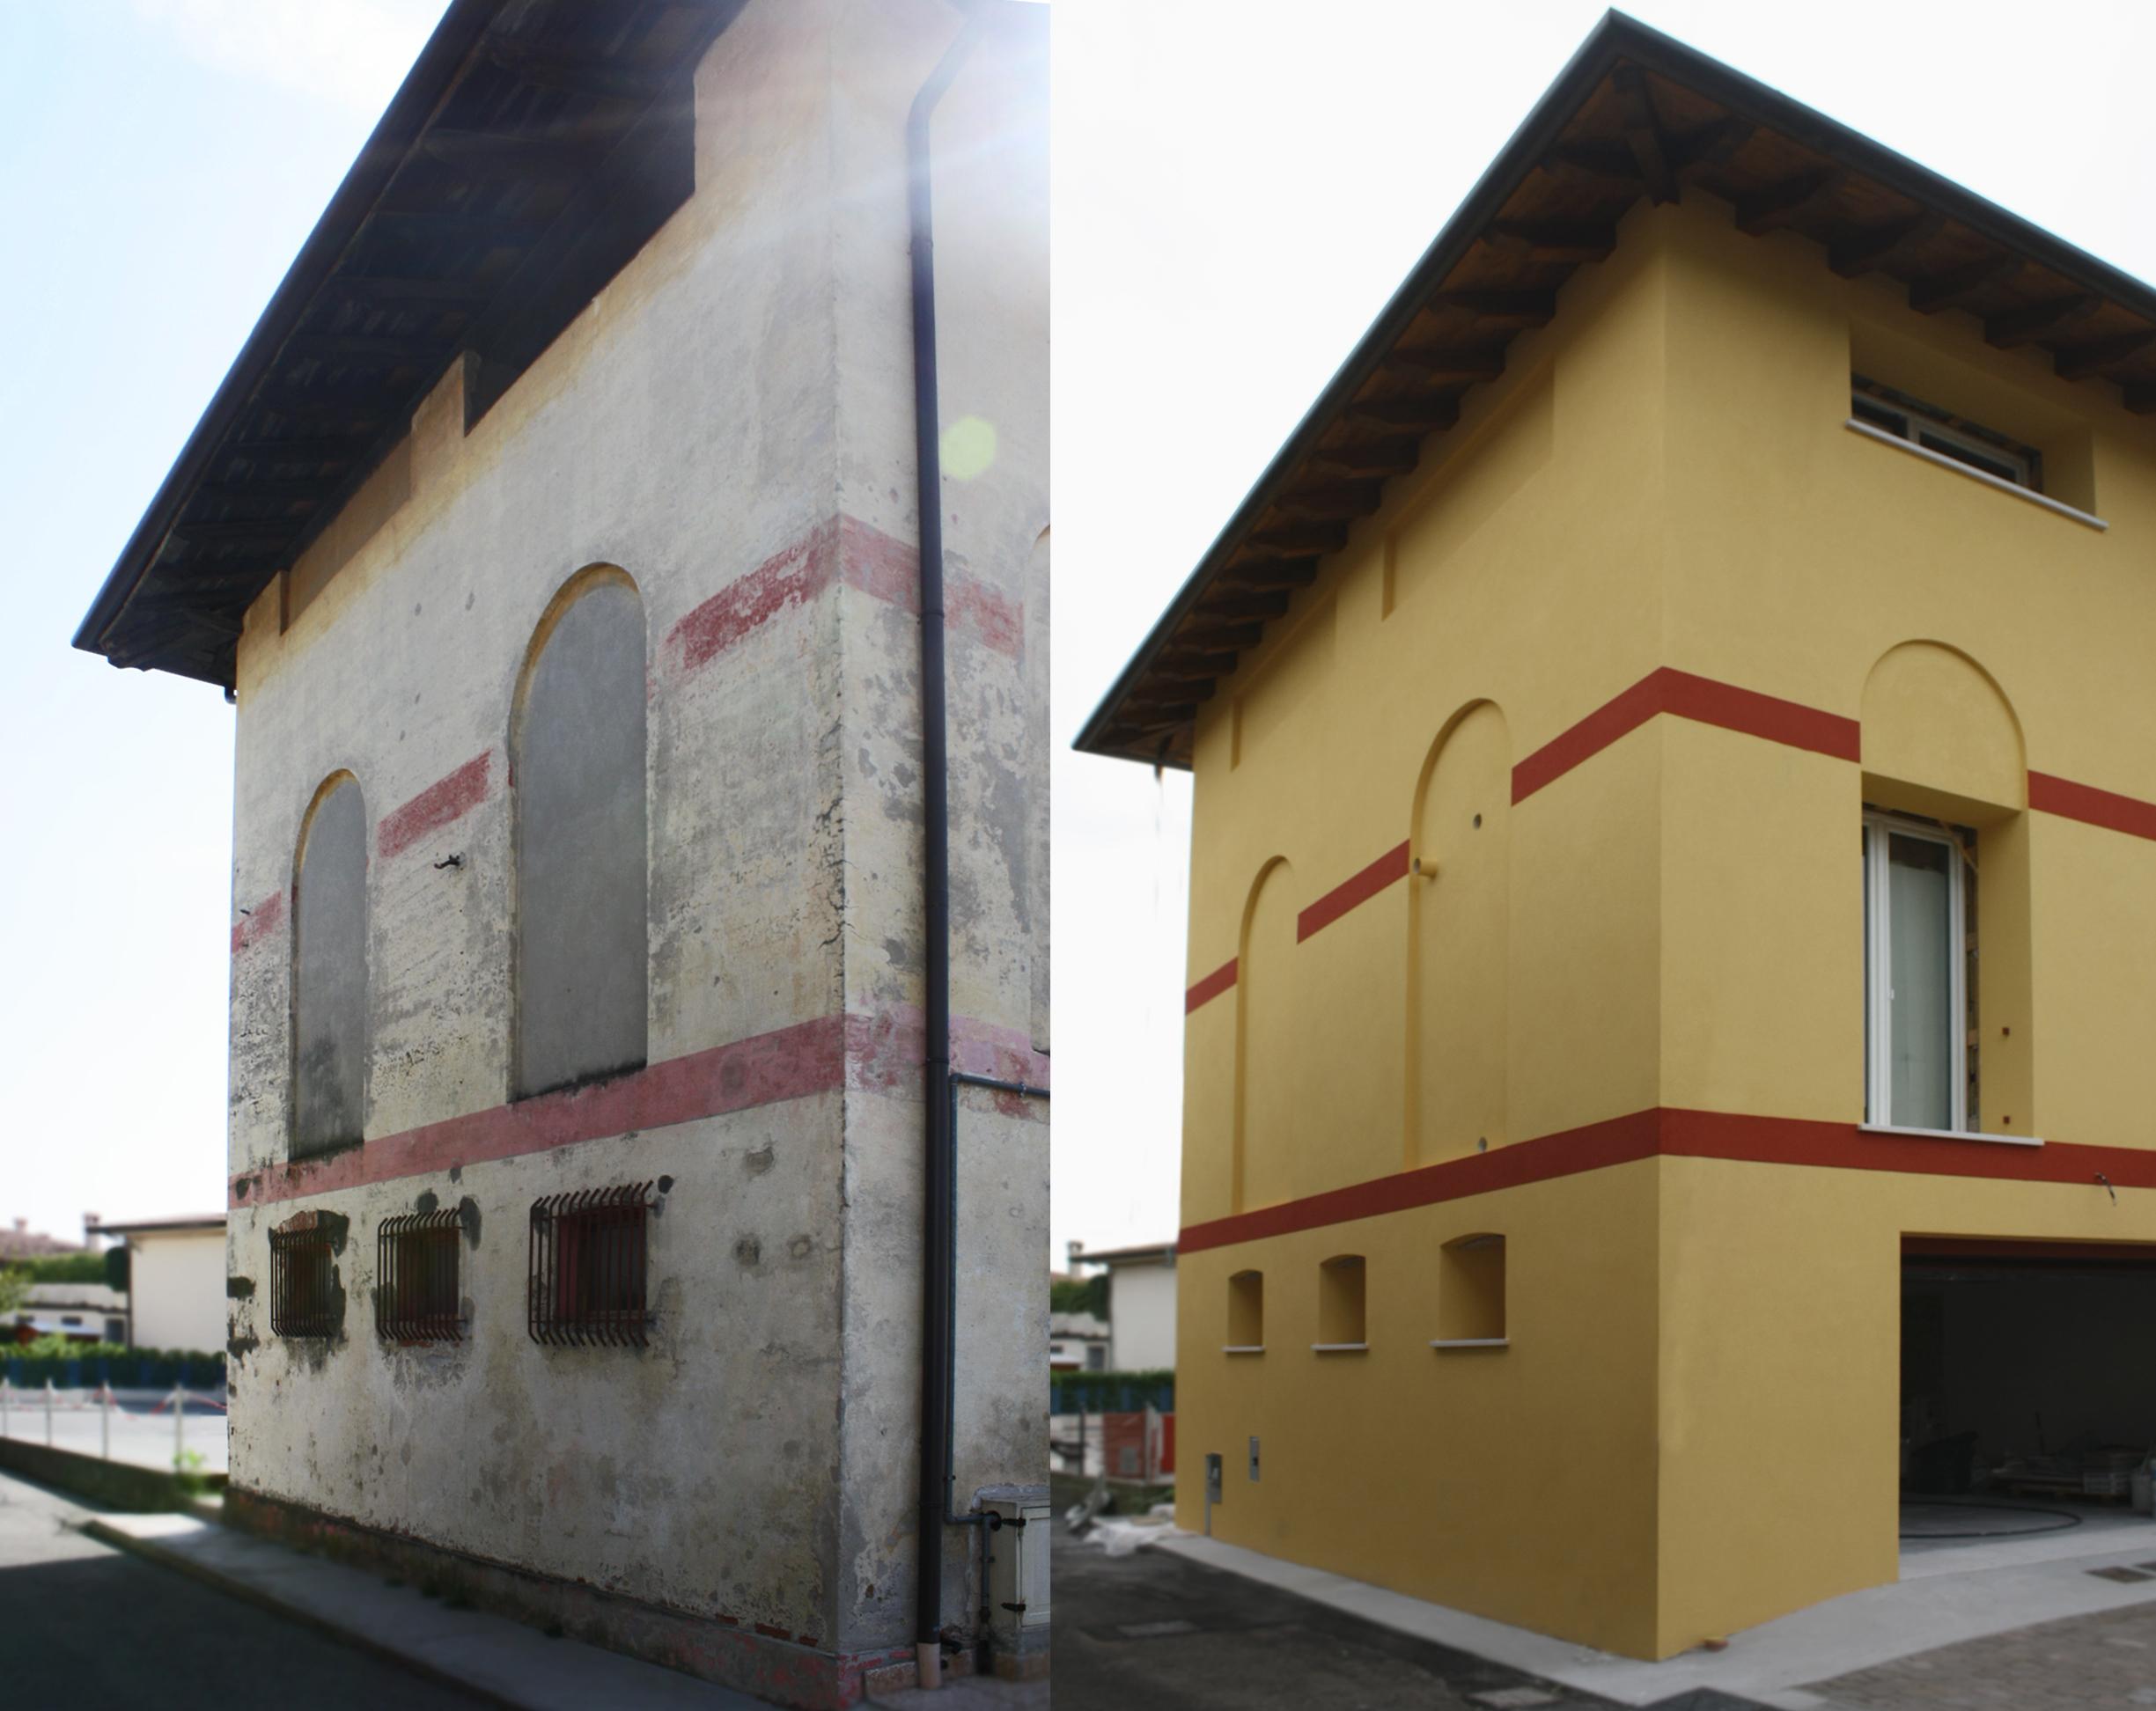 Casa pb quattropiulab for Immagini case ristrutturate